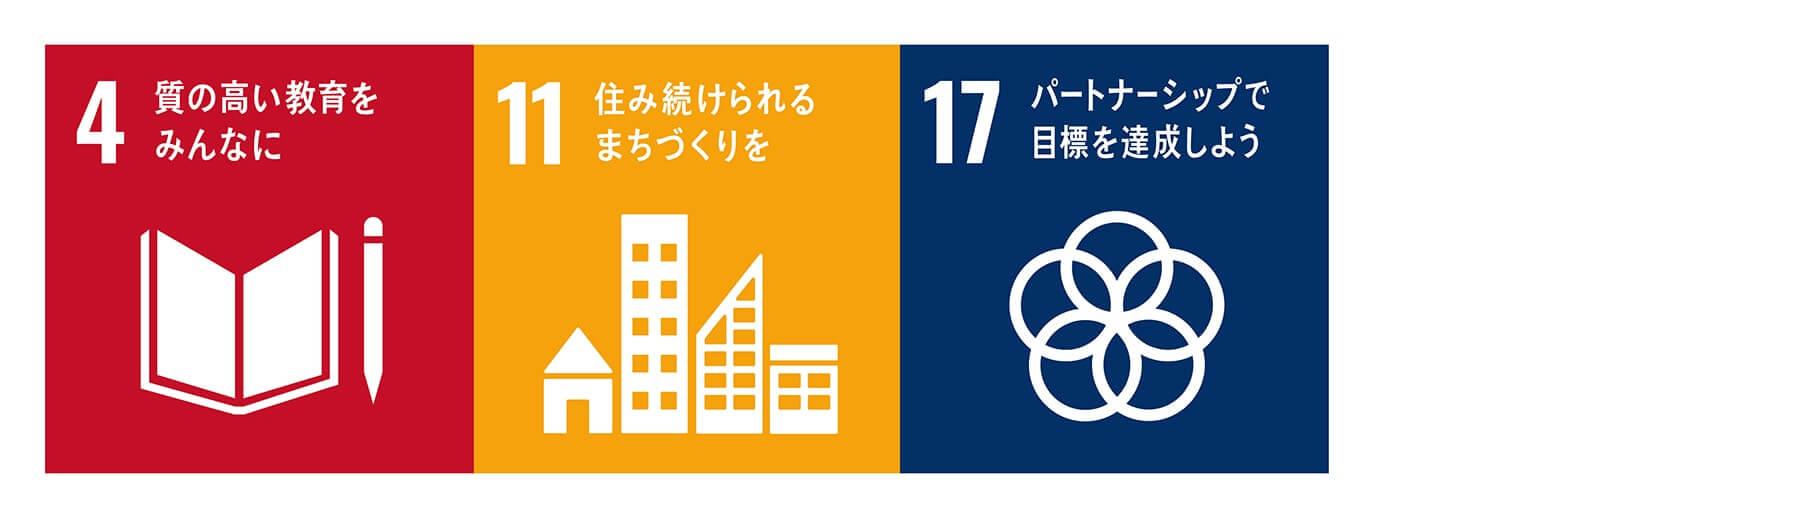 SDGs|おしゃれふんどし専門店 シーピース